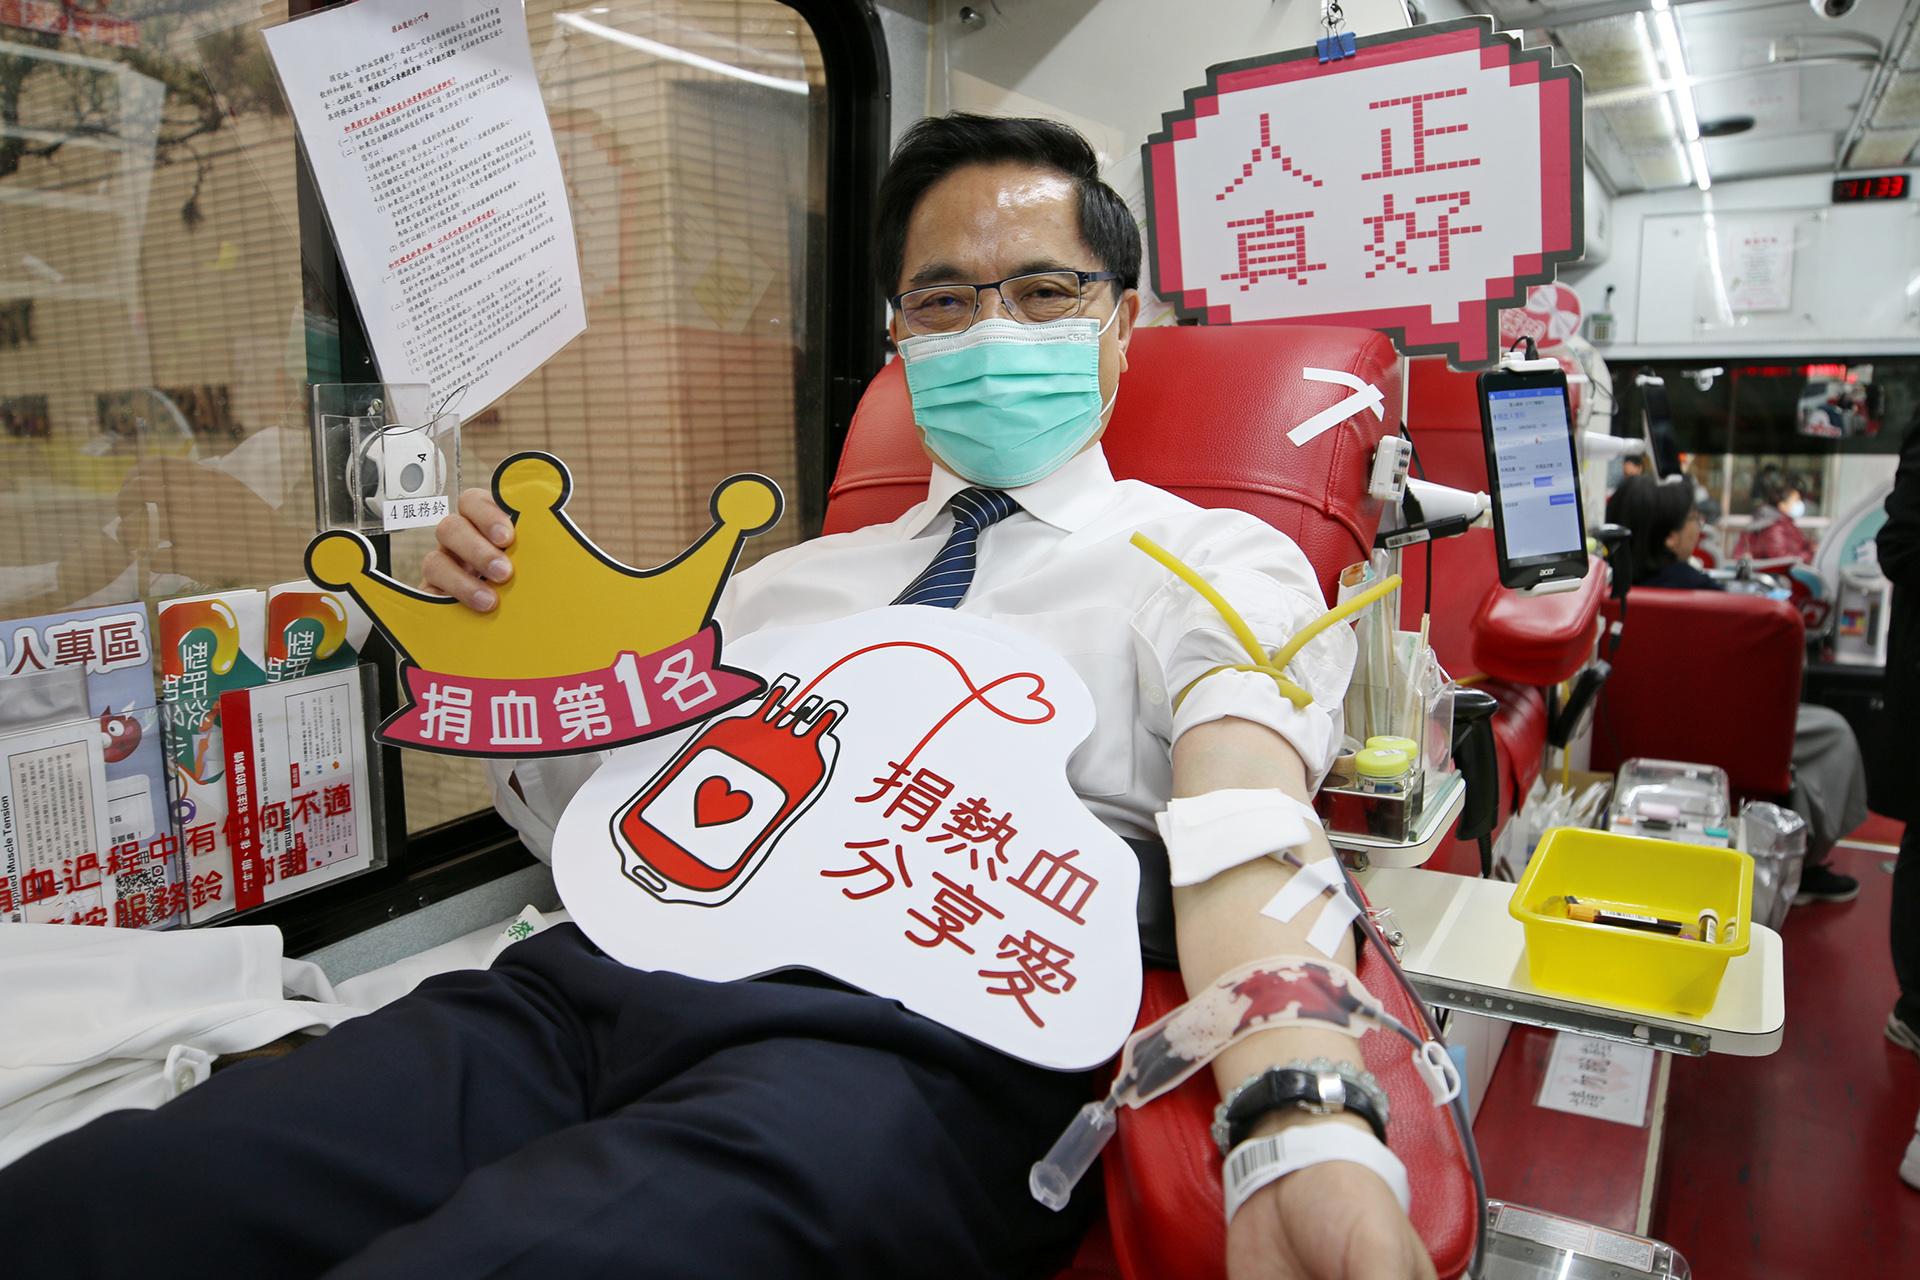 趕在捐血年齡六十五歲上限前來捐血的林欣榮院長表示,非常感恩院內同仁相互邀請,挽袖緩解血荒。